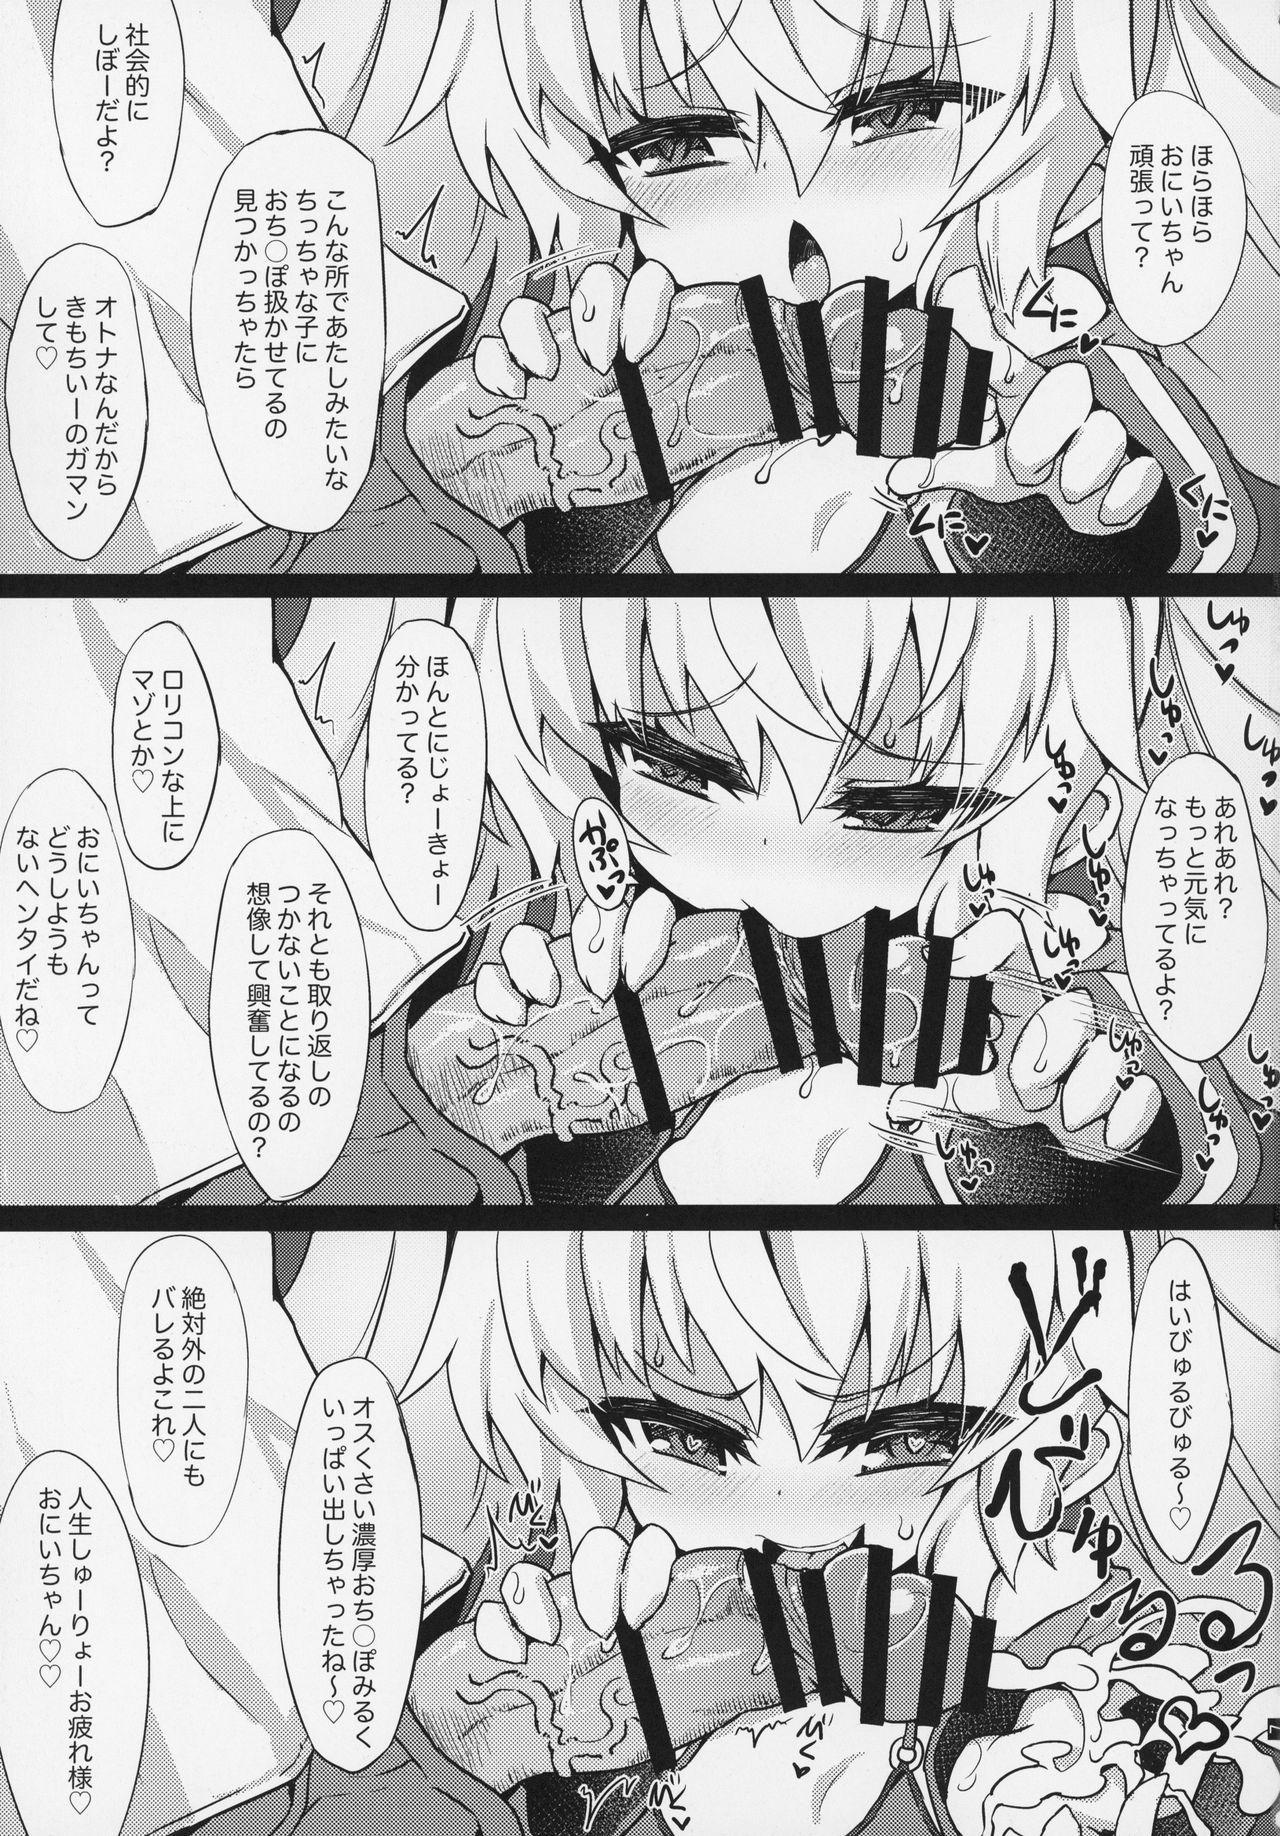 Grim Aloe no Mesugaki Oshioki Locker Room 7